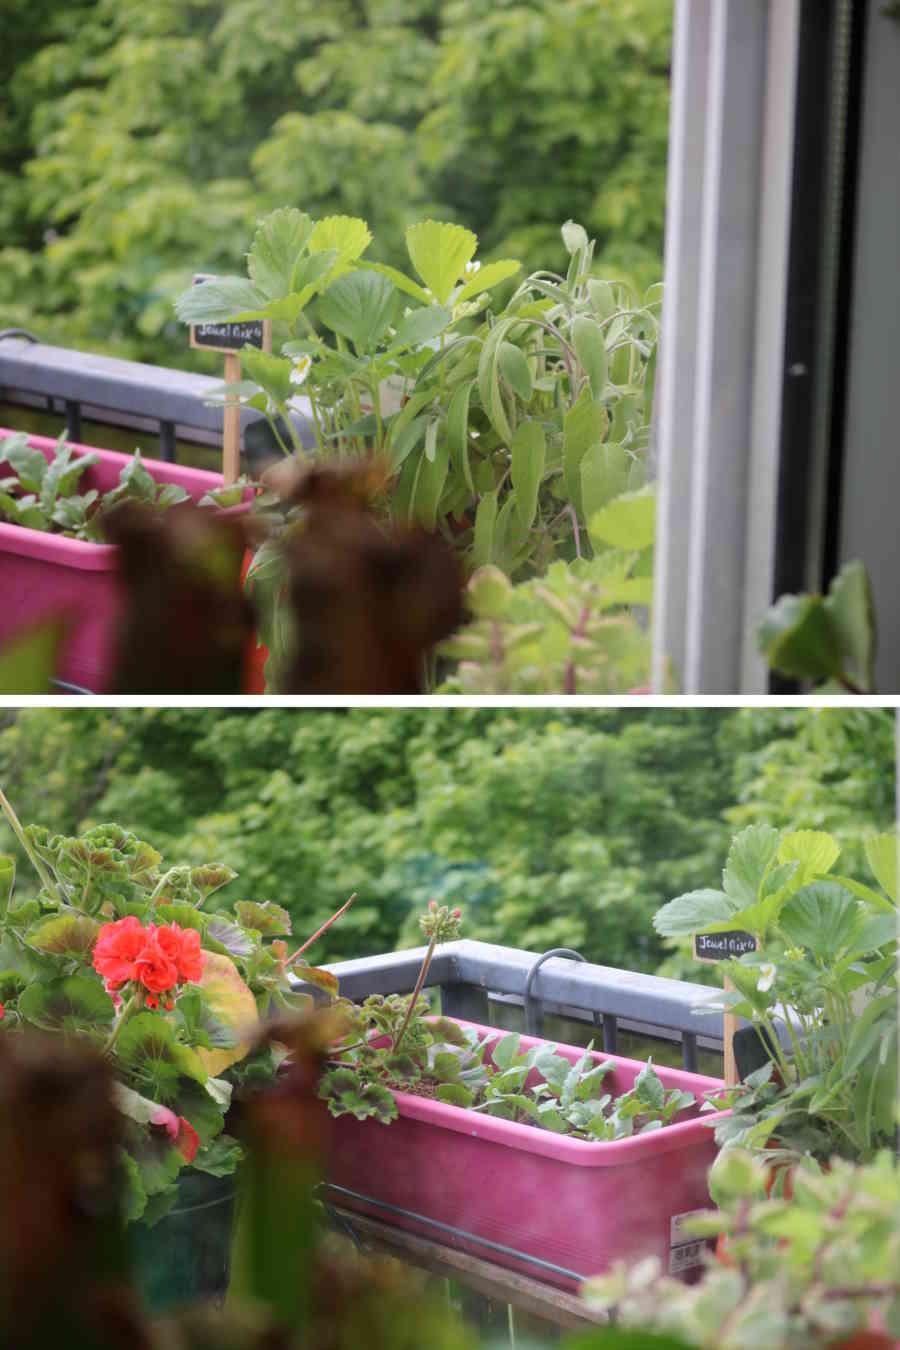 L'échoppe Végétale - Inspirations pour un automne pas monotone | faire pousser des géranium, des fraisiers et de la sauge en automne sur son balcon dans des pots et jardinières